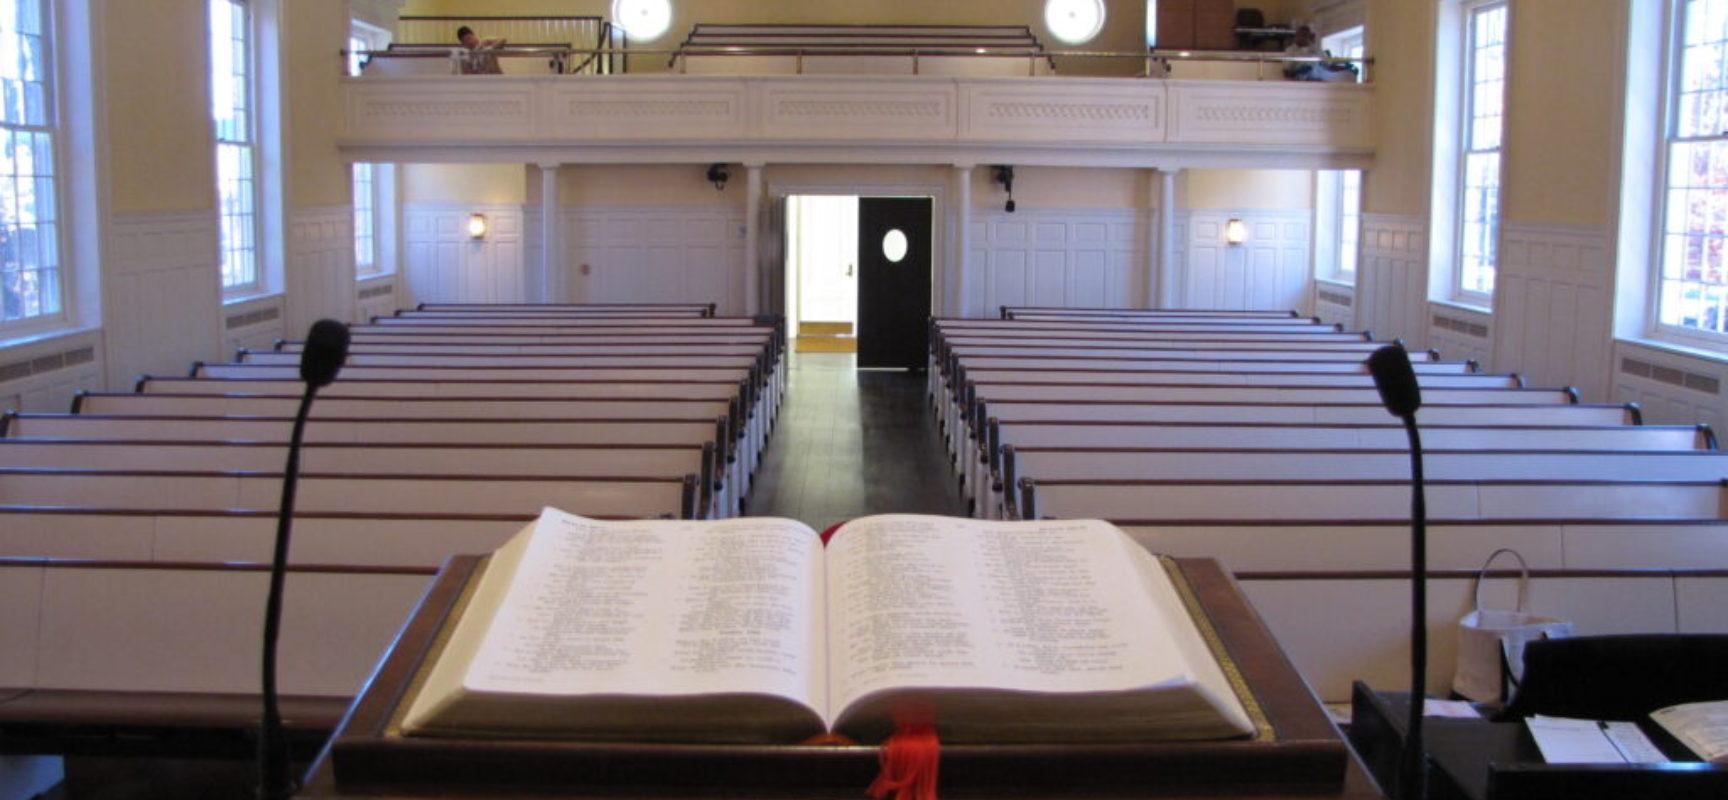 Decreto estadual libera cultos religiosos com 30% da capacidade de lotação dos templos na Bahia